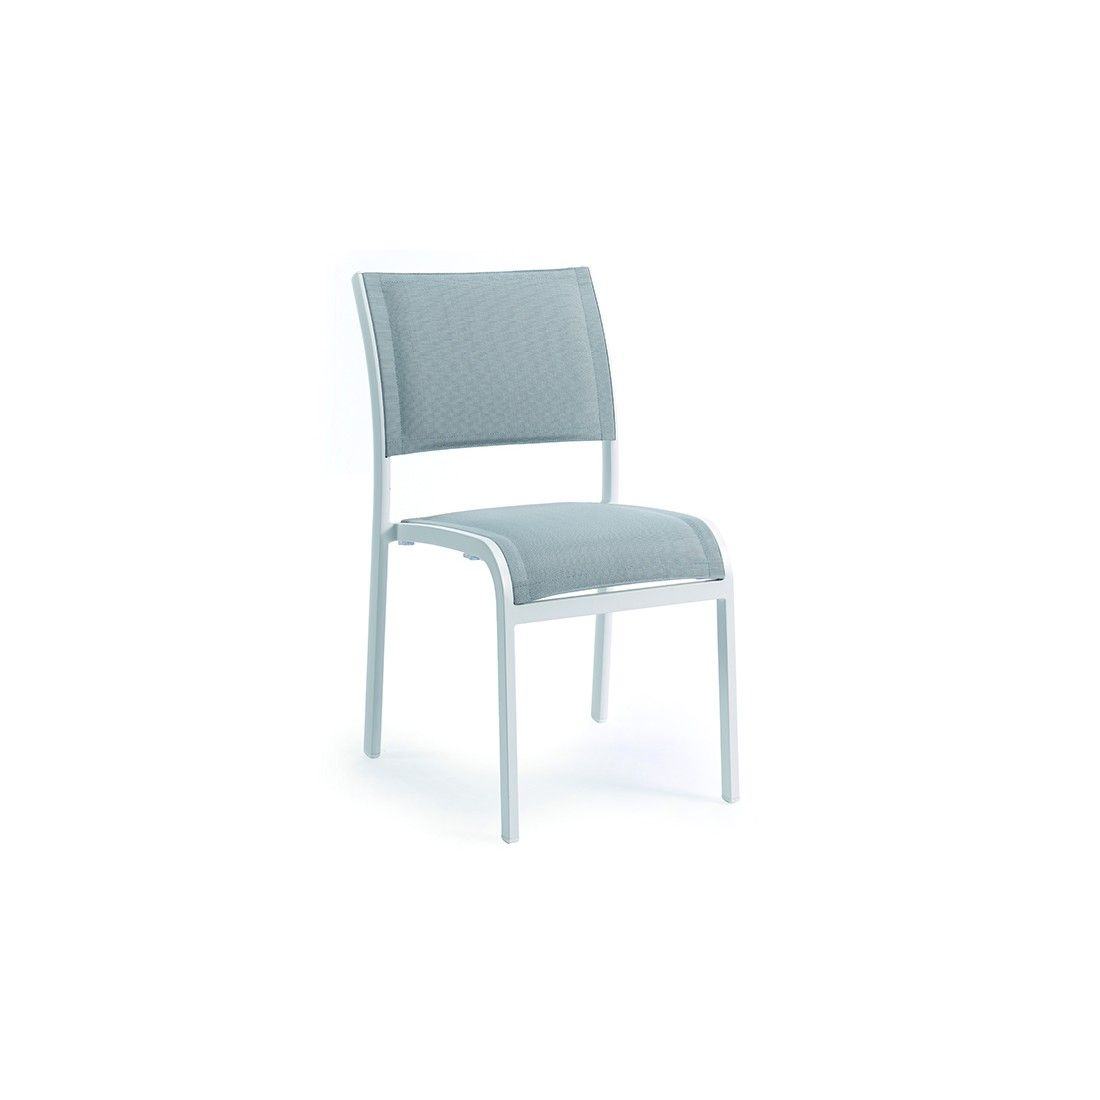 Chaise empilable en alu et double textylène, Nice